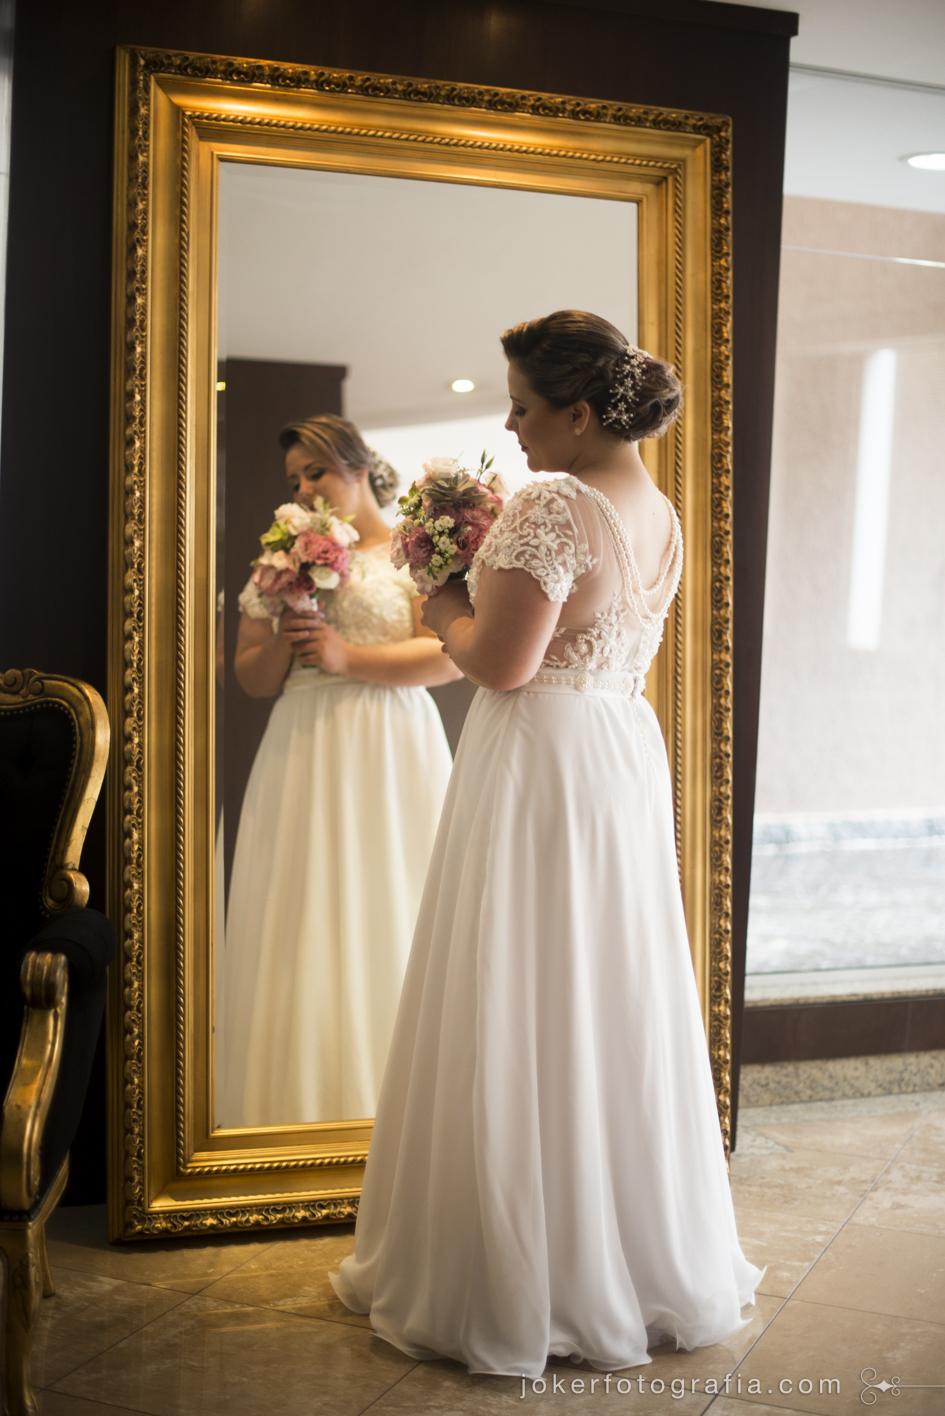 fotógrafo de casamento faz ensaio com noiva usando vestido de noiva simples com bordados em pérola e inspiração vintage